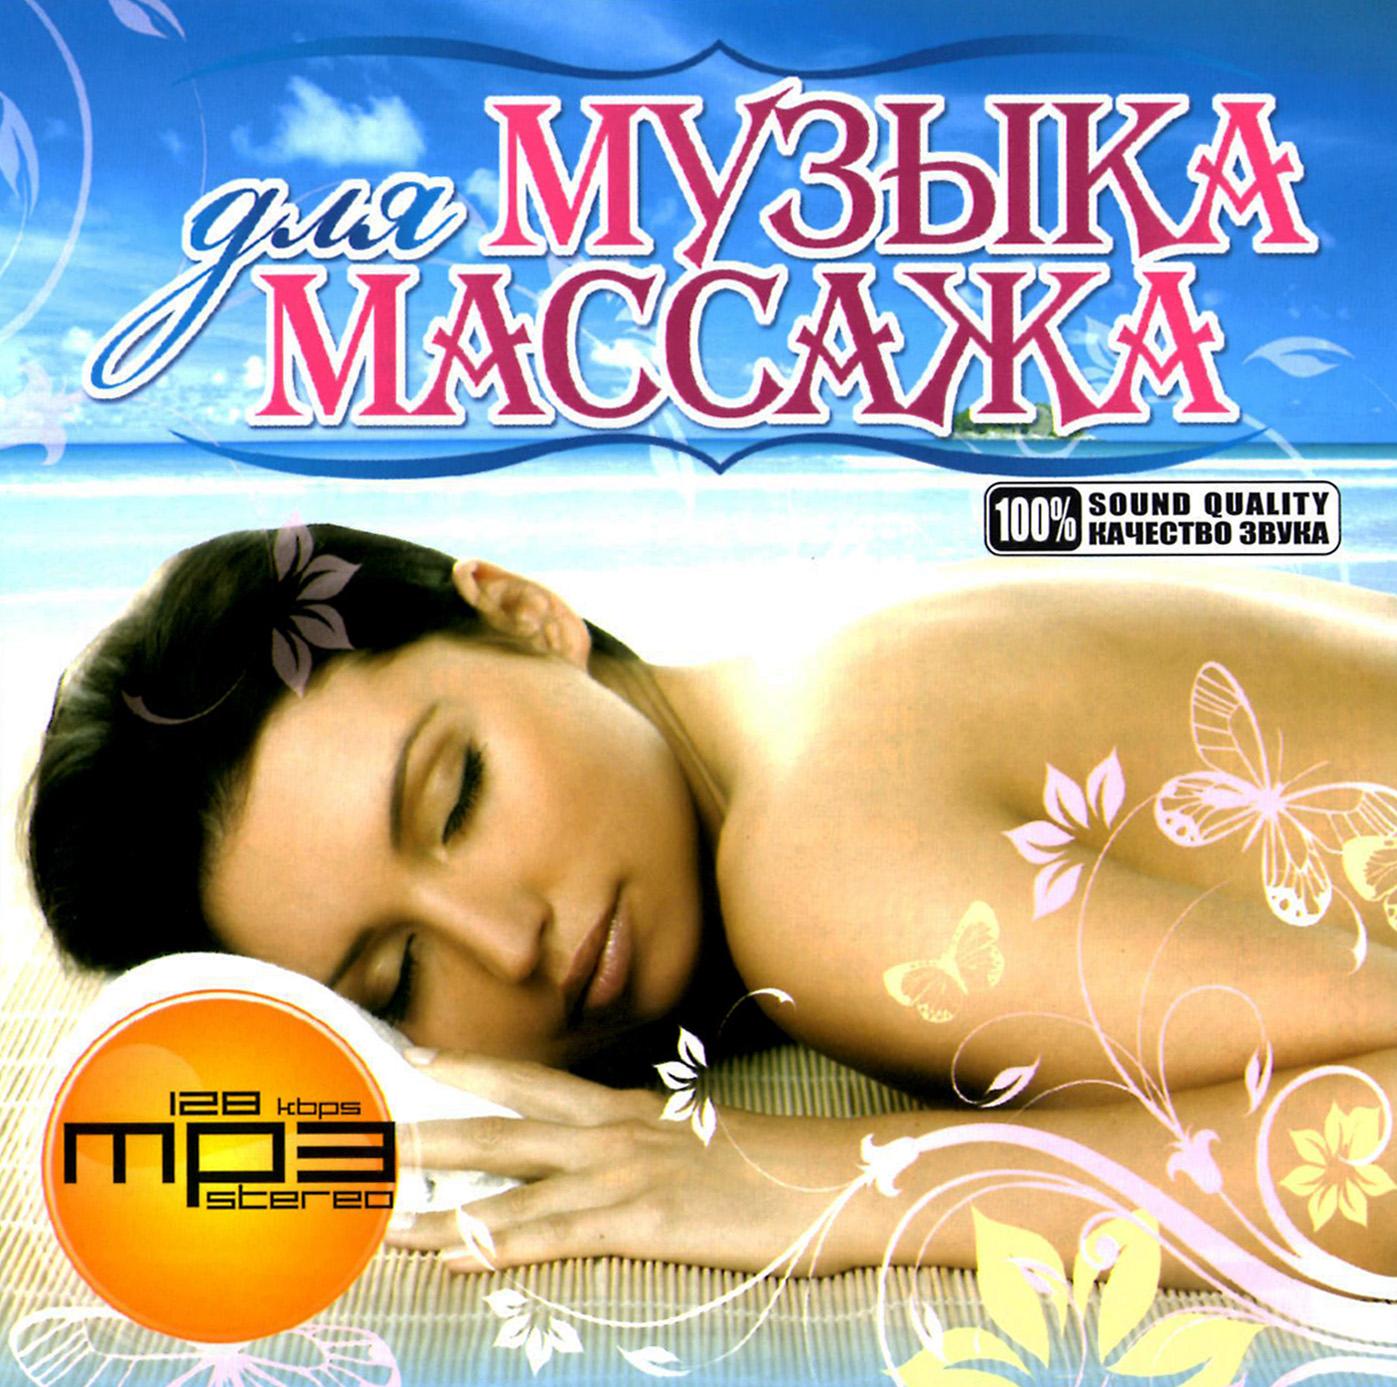 Музыка для массажа [mp3]